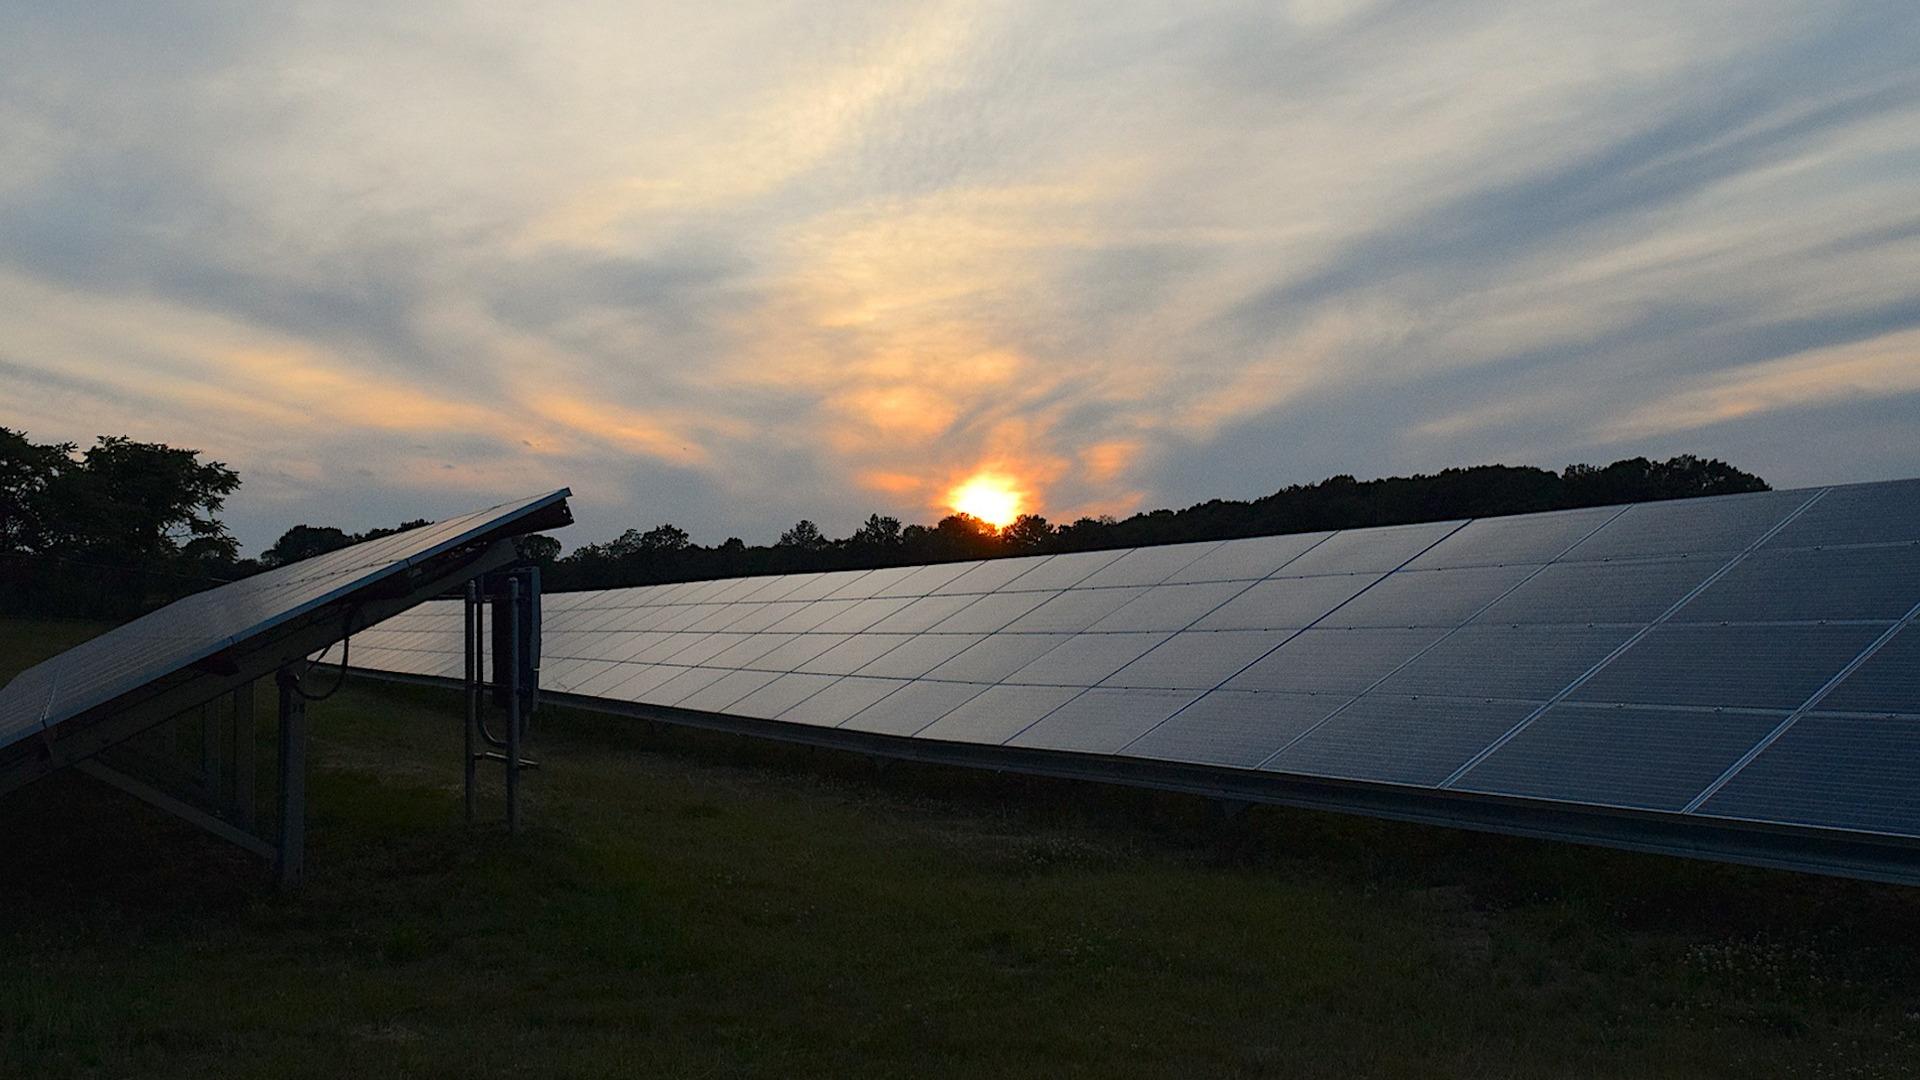 ayudas-para-fomentar-el-uso-de-energias-renovables-y-el-ahorro-energetico-1920